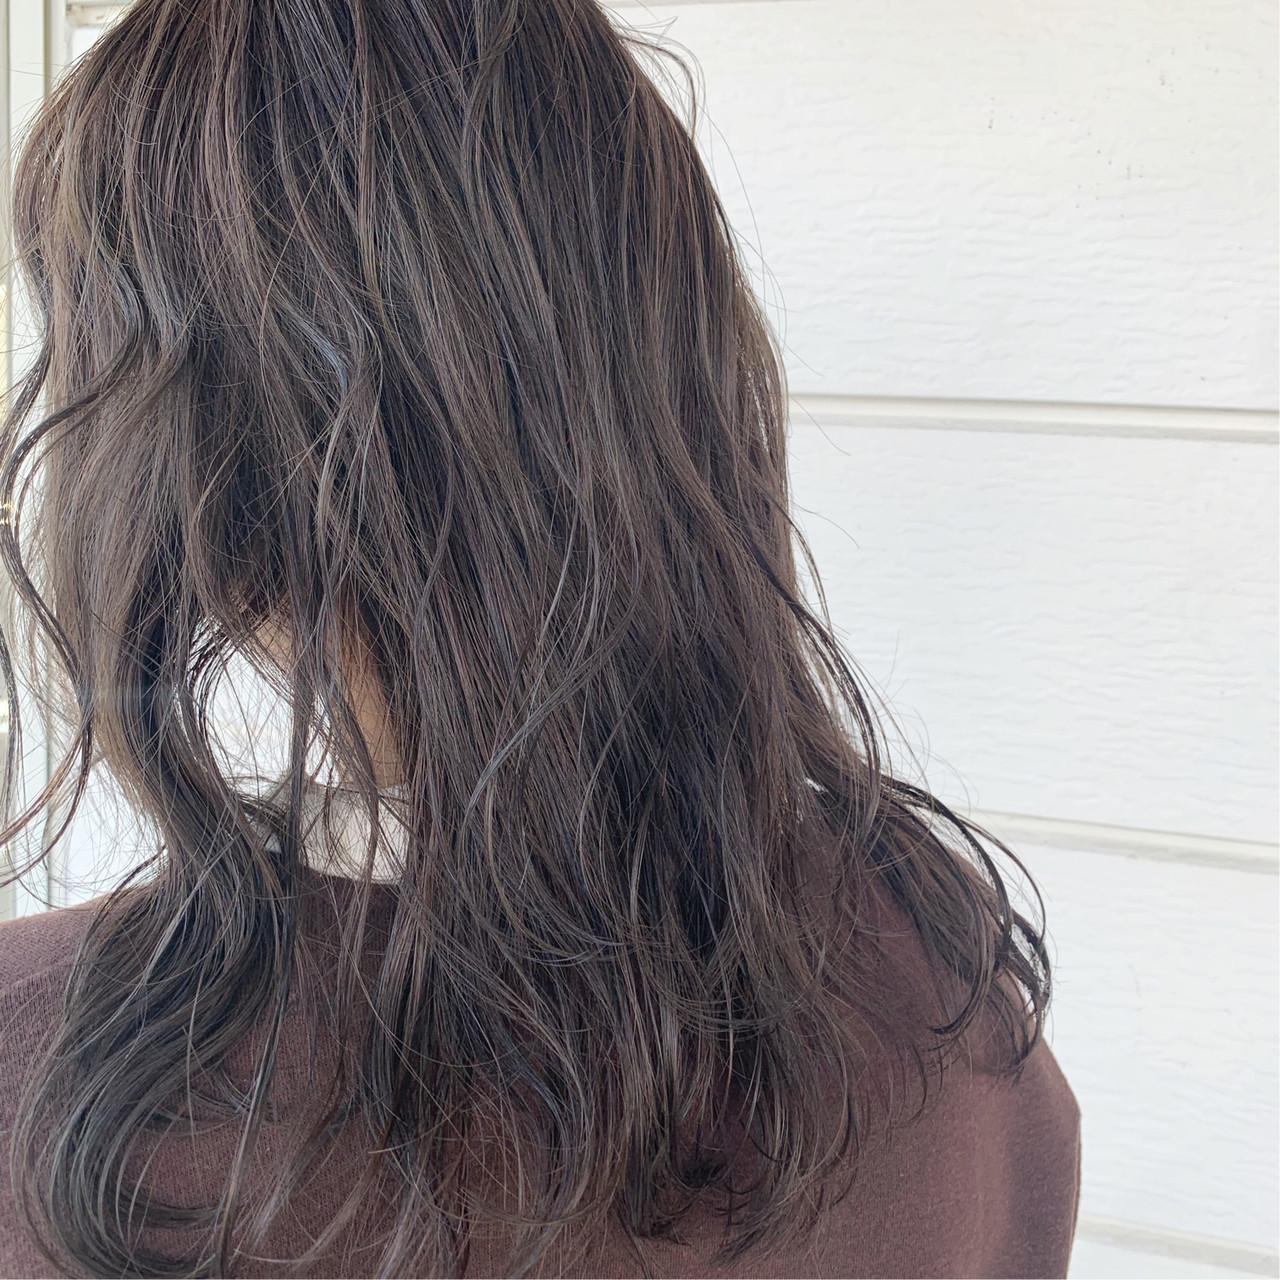 ナチュラル 可愛い デート 暗髪女子 ヘアスタイルや髪型の写真・画像